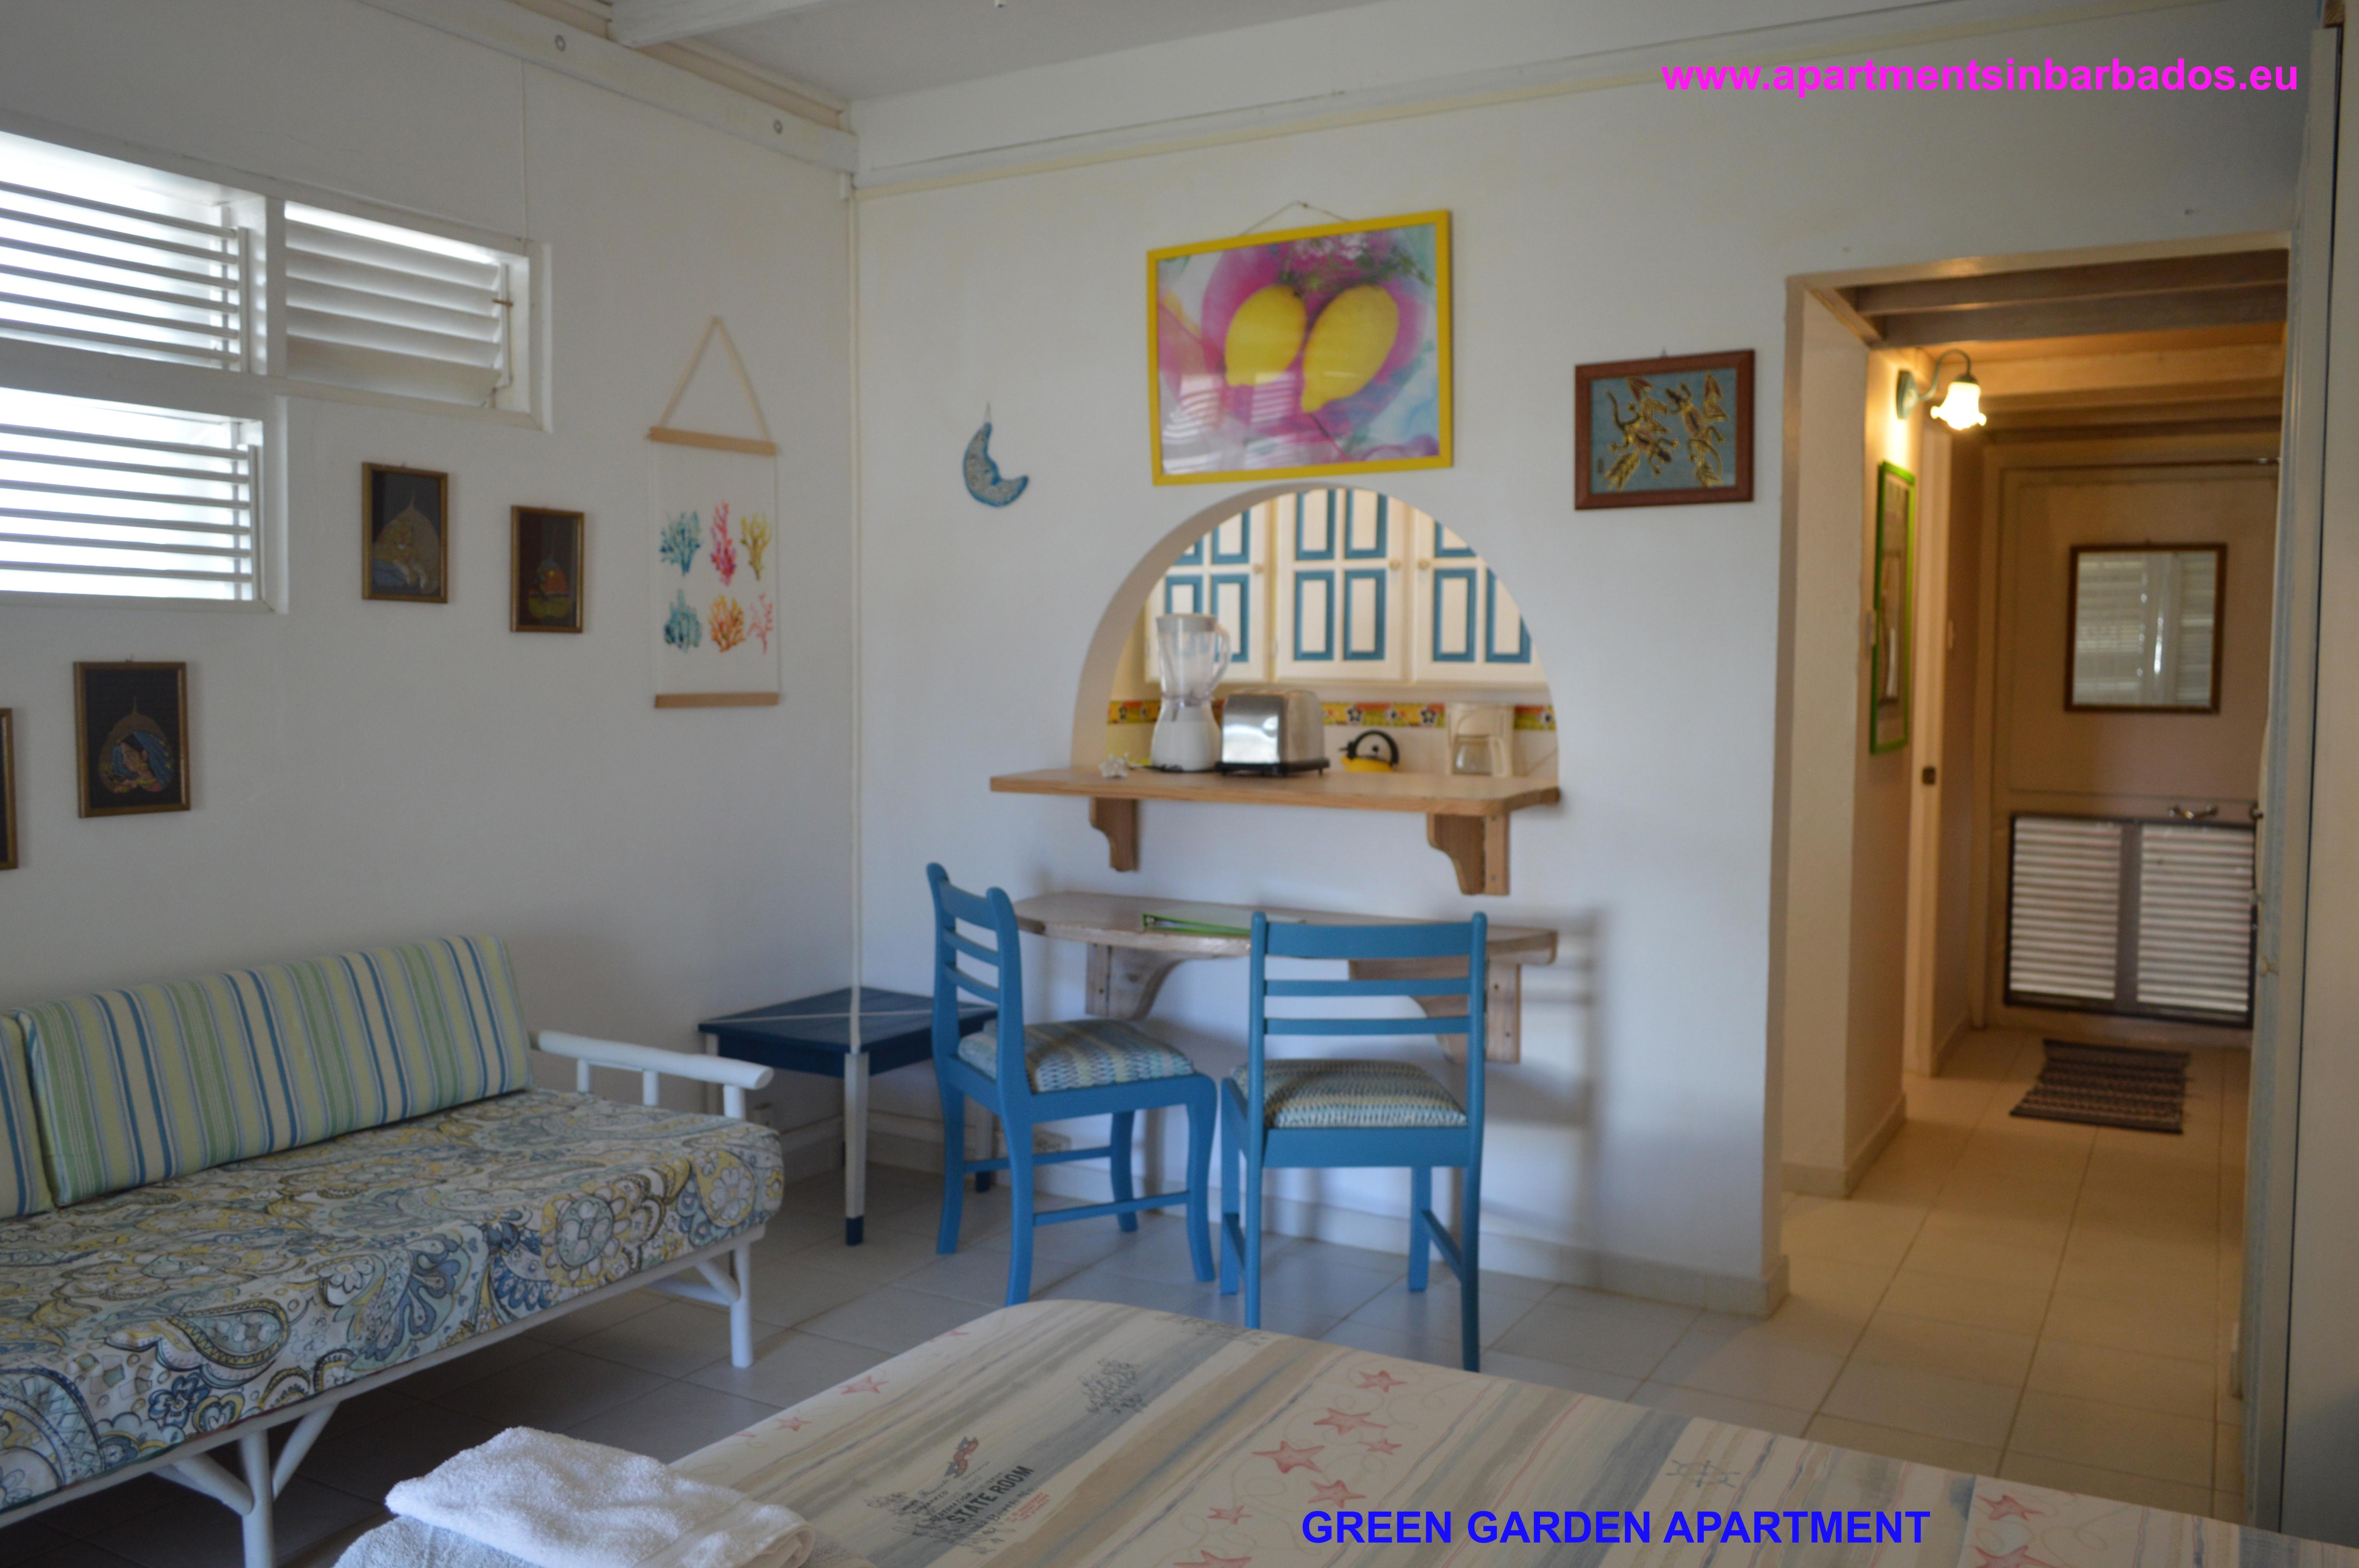 Green Garden Apartment - Living area